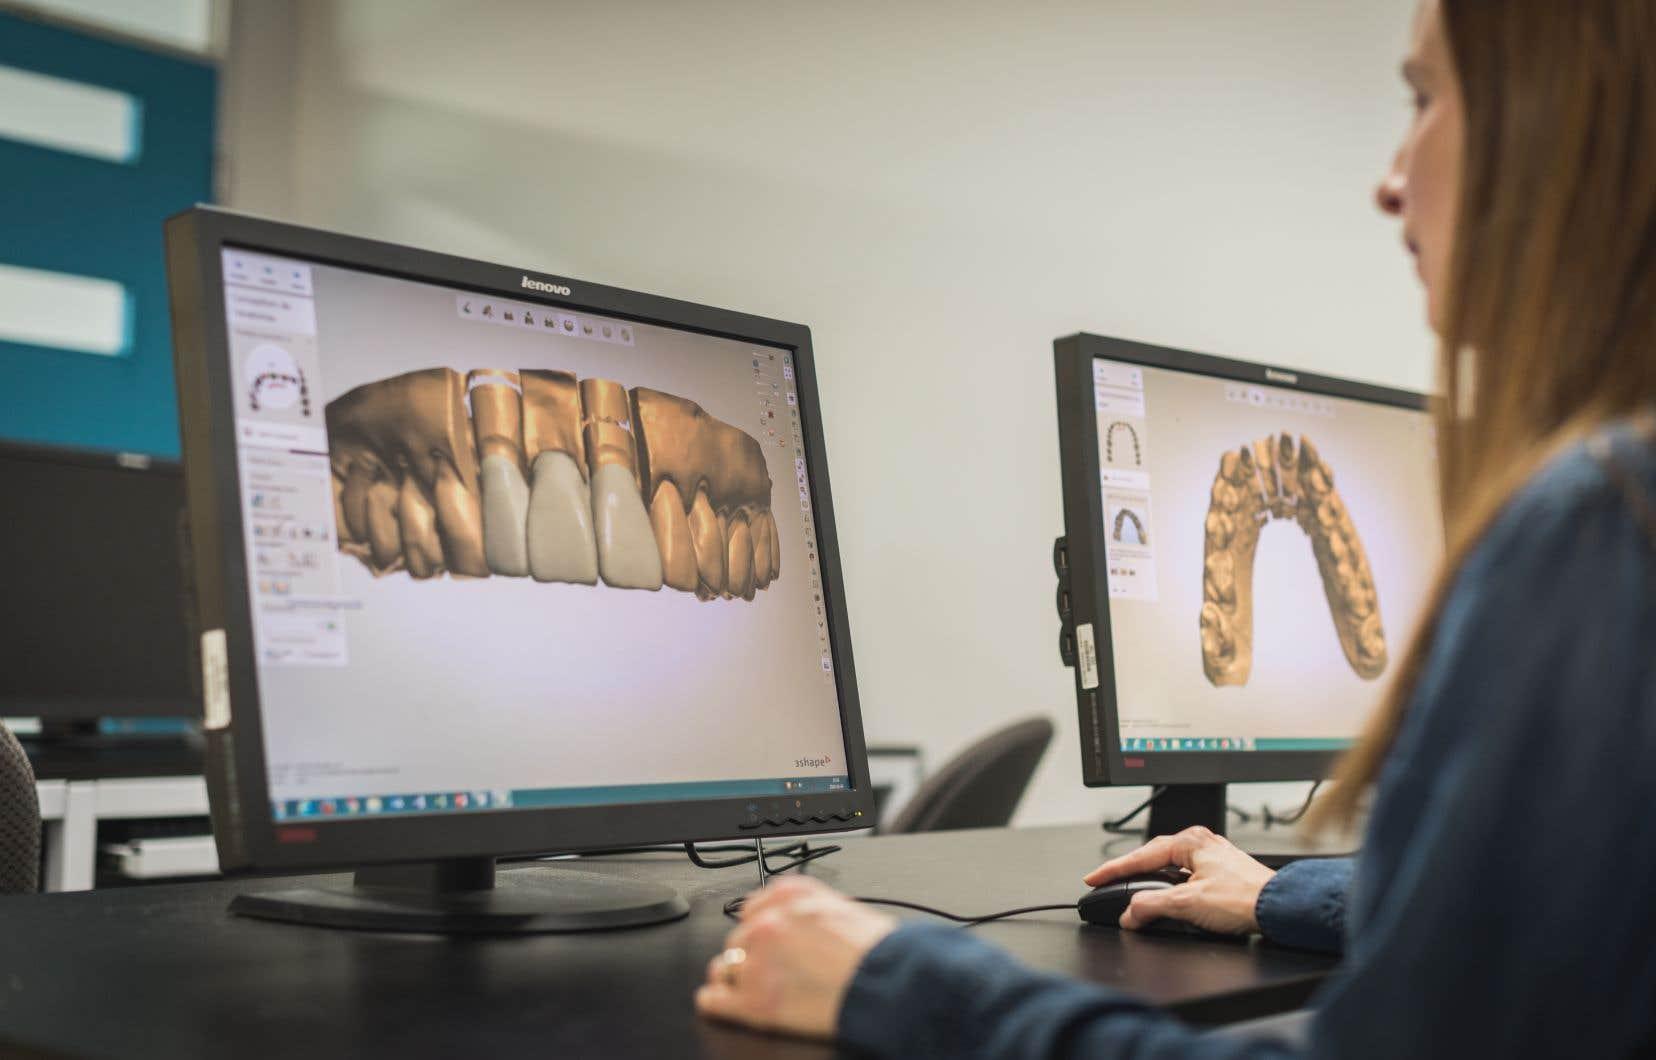 À défaut de pouvoir poursuivre leur trimestre dans les salles de classe, les étudiants peuvent réfléchir aux notions associées aux différentes étapes de fabrication de prothèses dentaires grâce à des vidéos pédagogiques, explique la professeure Émilie Brûlé.